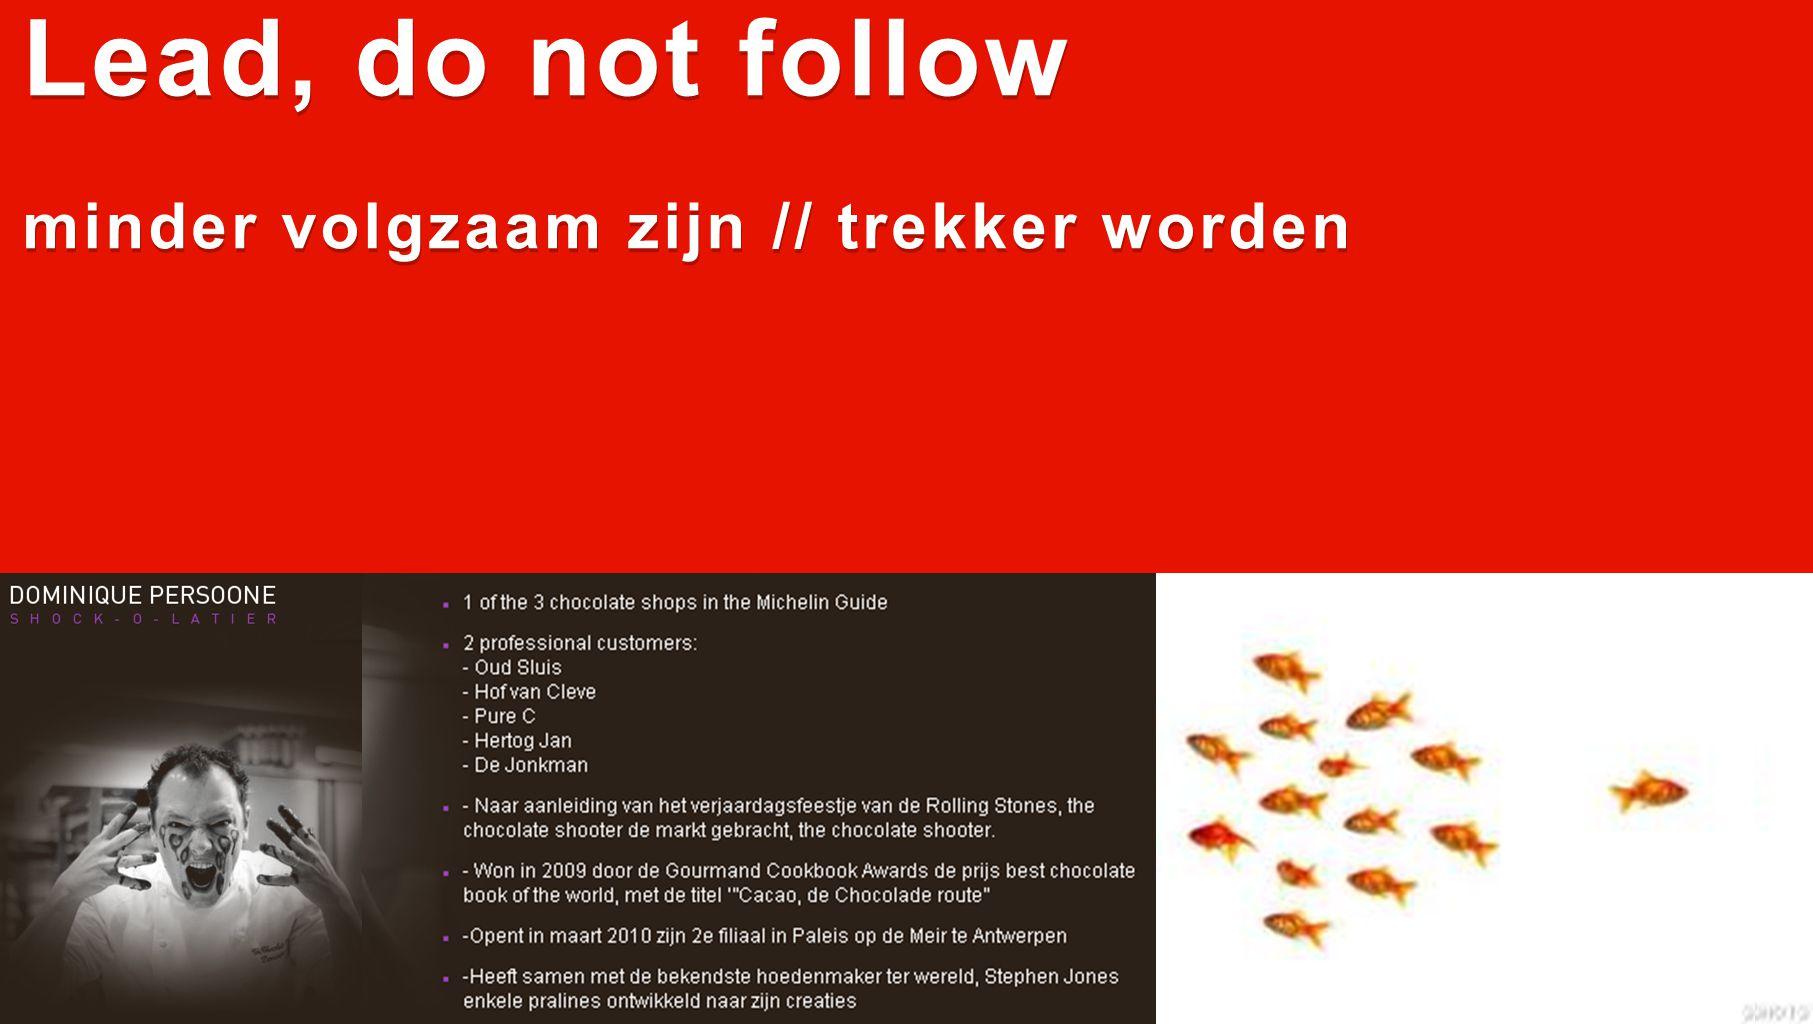 Lead, do not follow minder volgzaam zijn // trekker worden Lead, do not follow minder volgzaam zijn // trekker worden